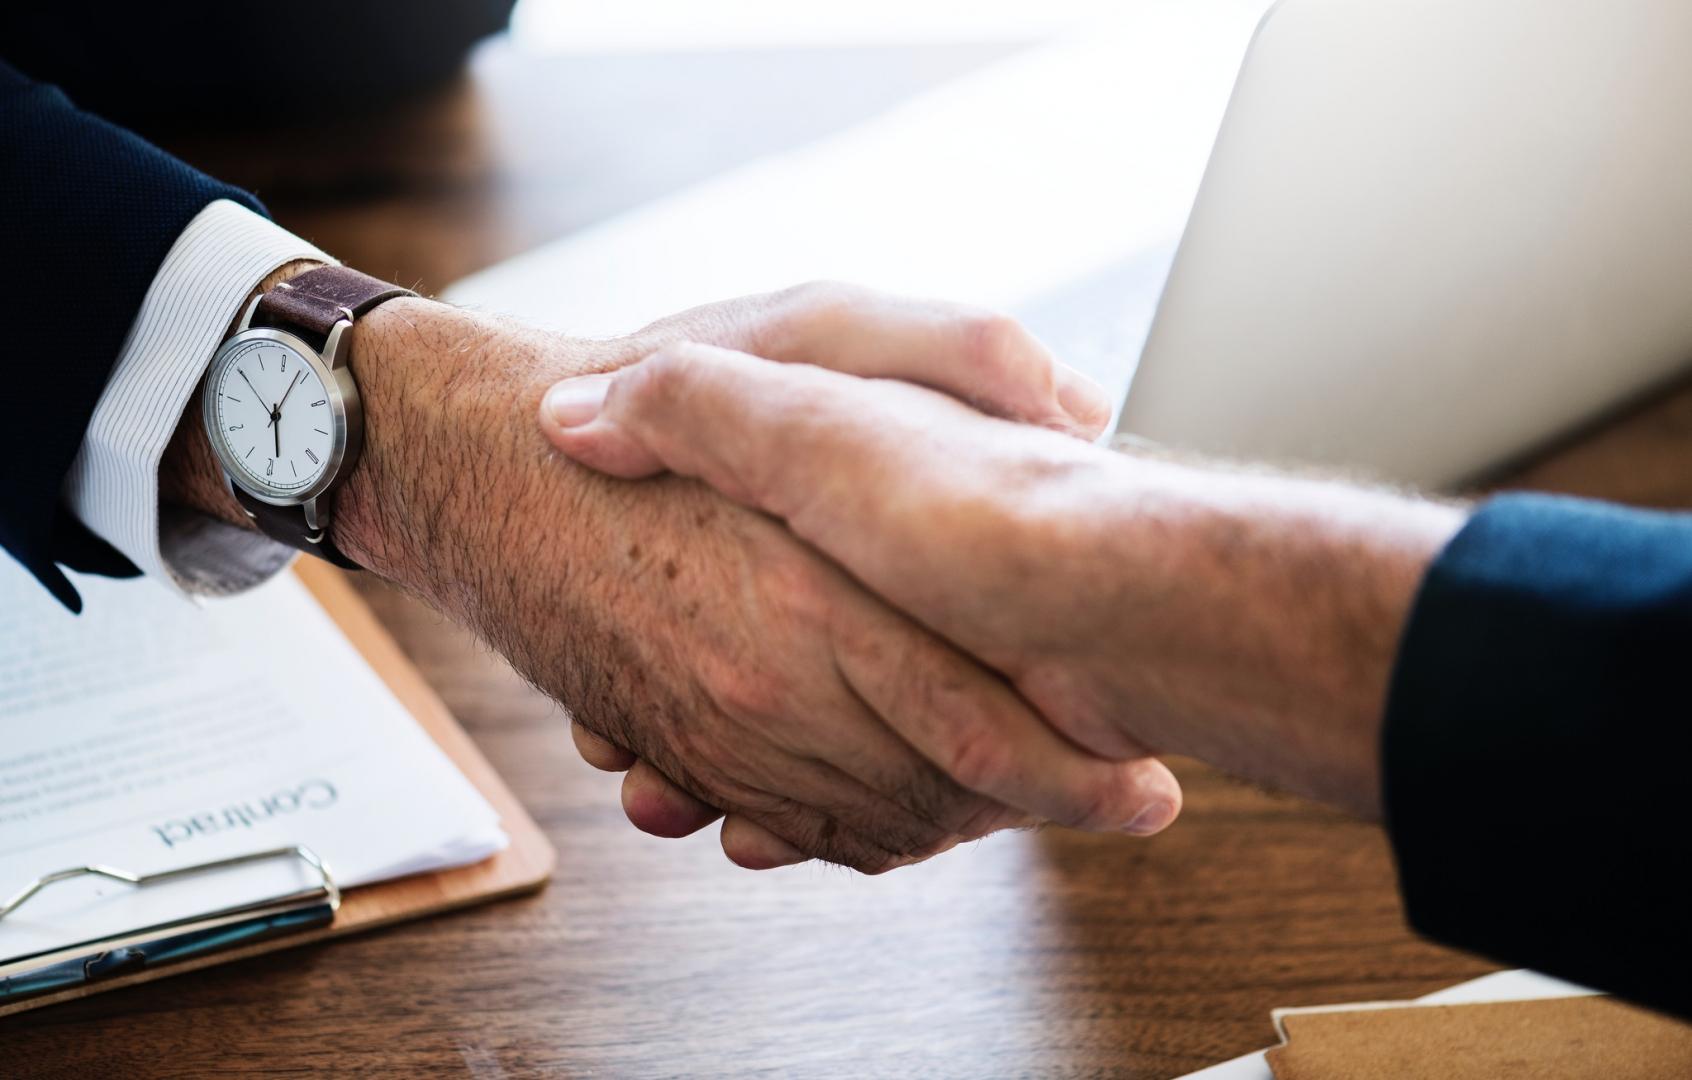 Компания UNIM и фармацевтическая компания AstraZeneca создадут совместную онлайн-платформу для обучения онкологов